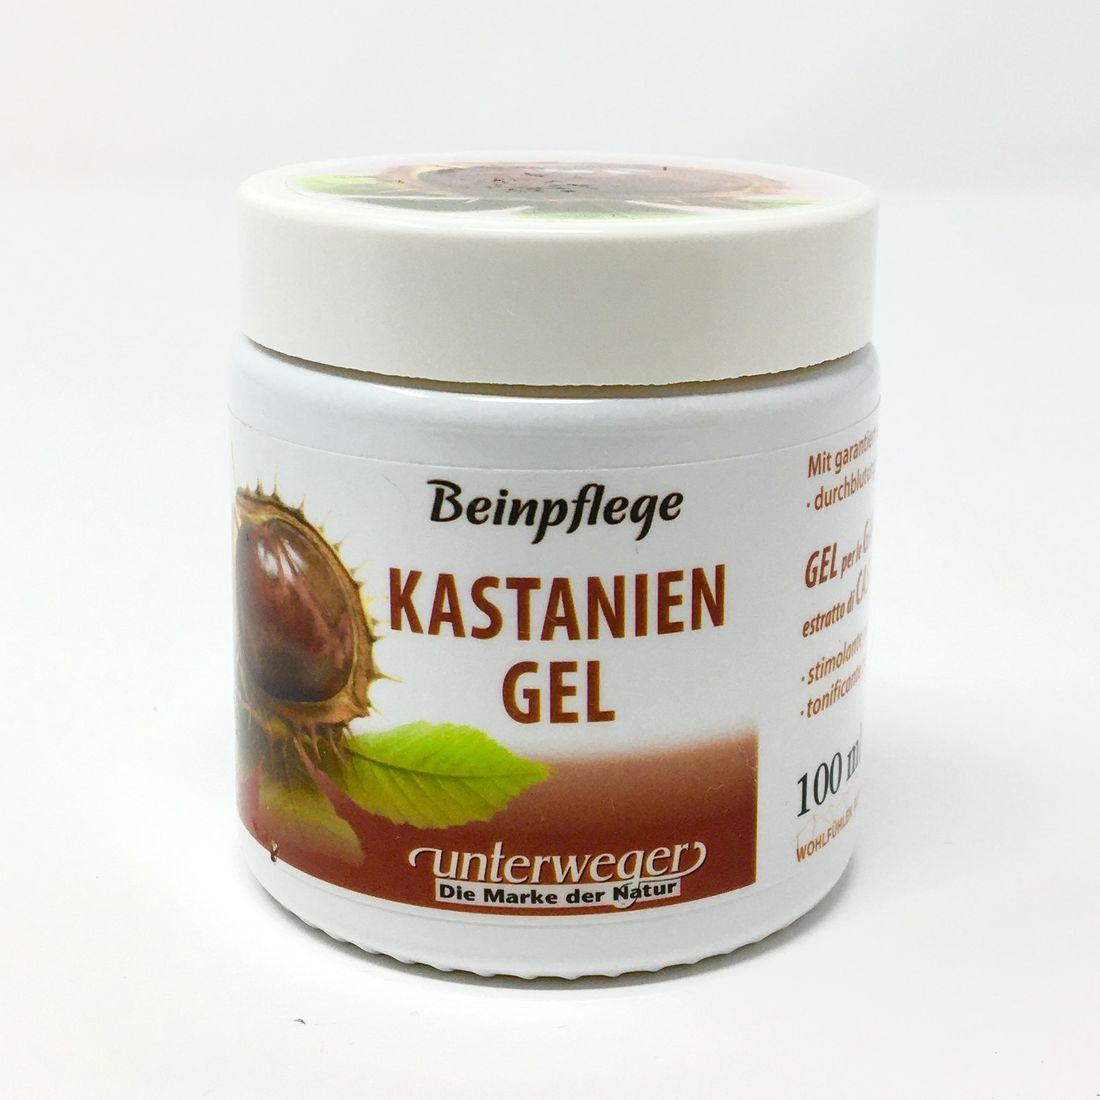 Unterweger BEINPFLEGE Kastanien/Gel/100 ml